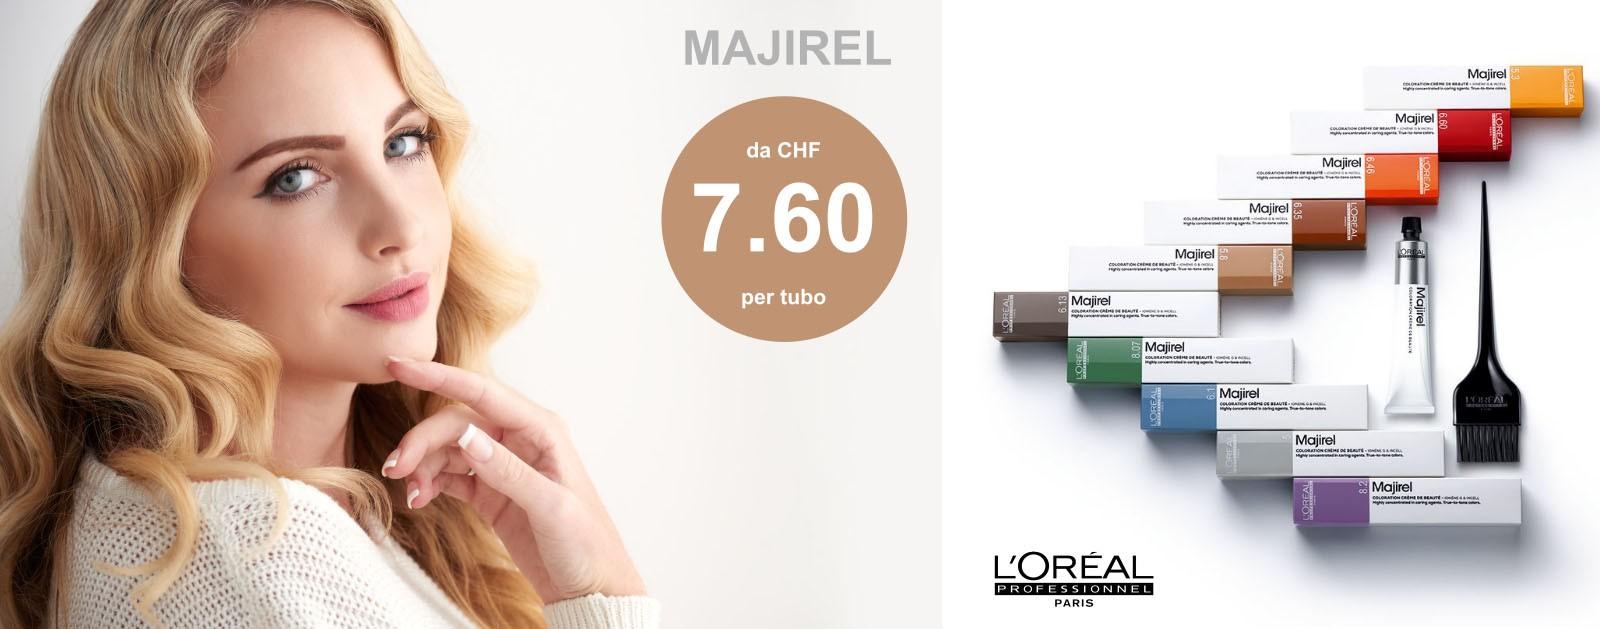 Majirel la migliore offerta